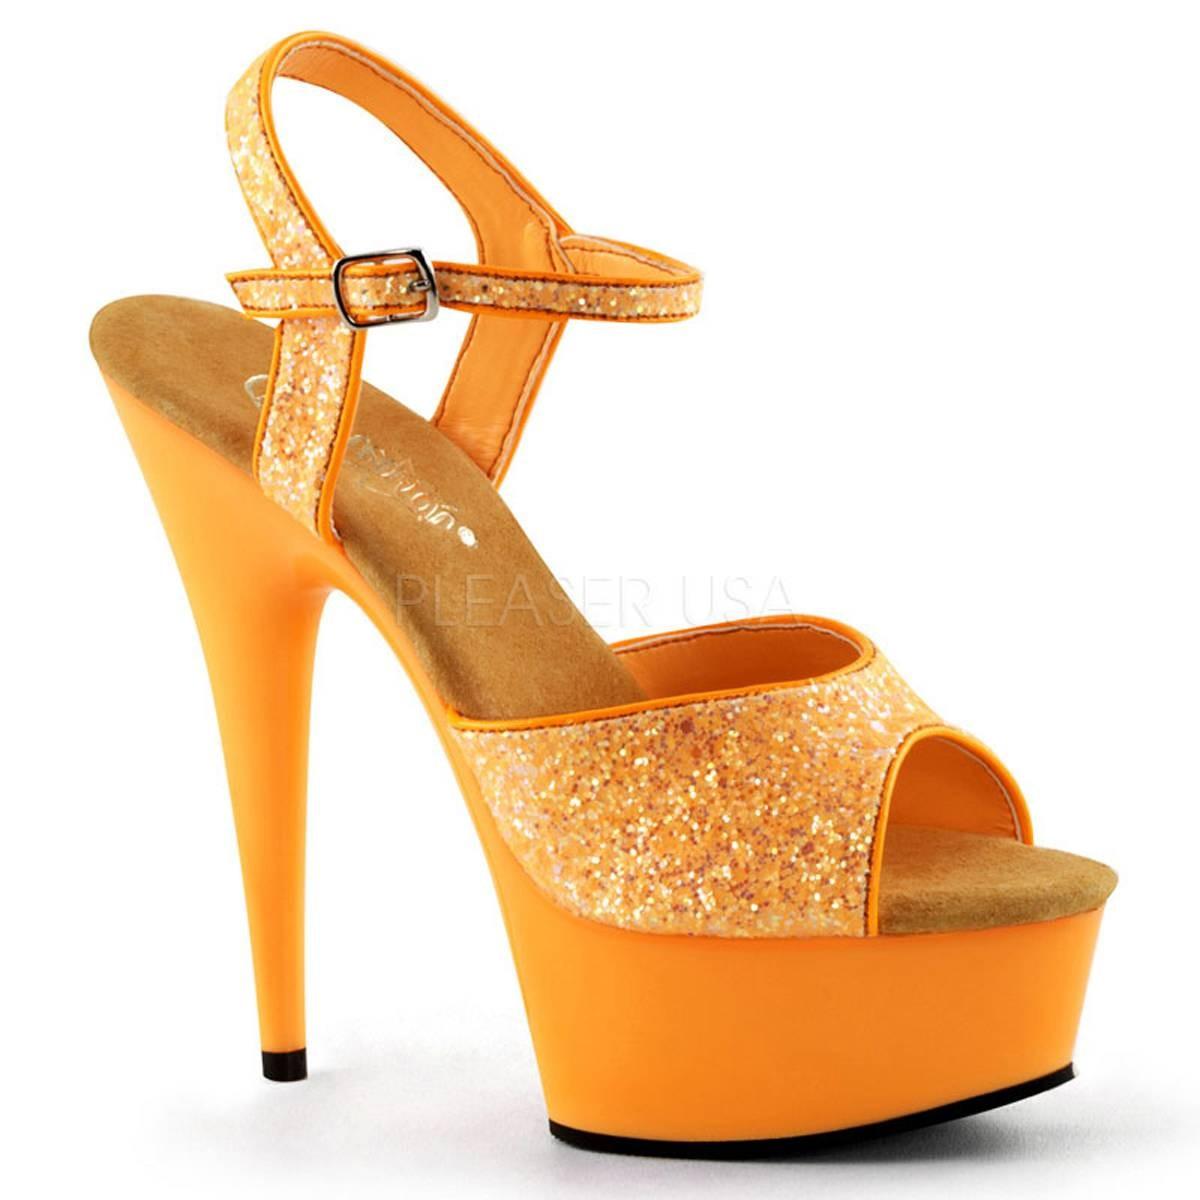 Highheels für Frauen - DELIGHT 609UVG ° Damen Sandalette ° Orange Glitter ° Pleaser  - Onlineshop RedSixty